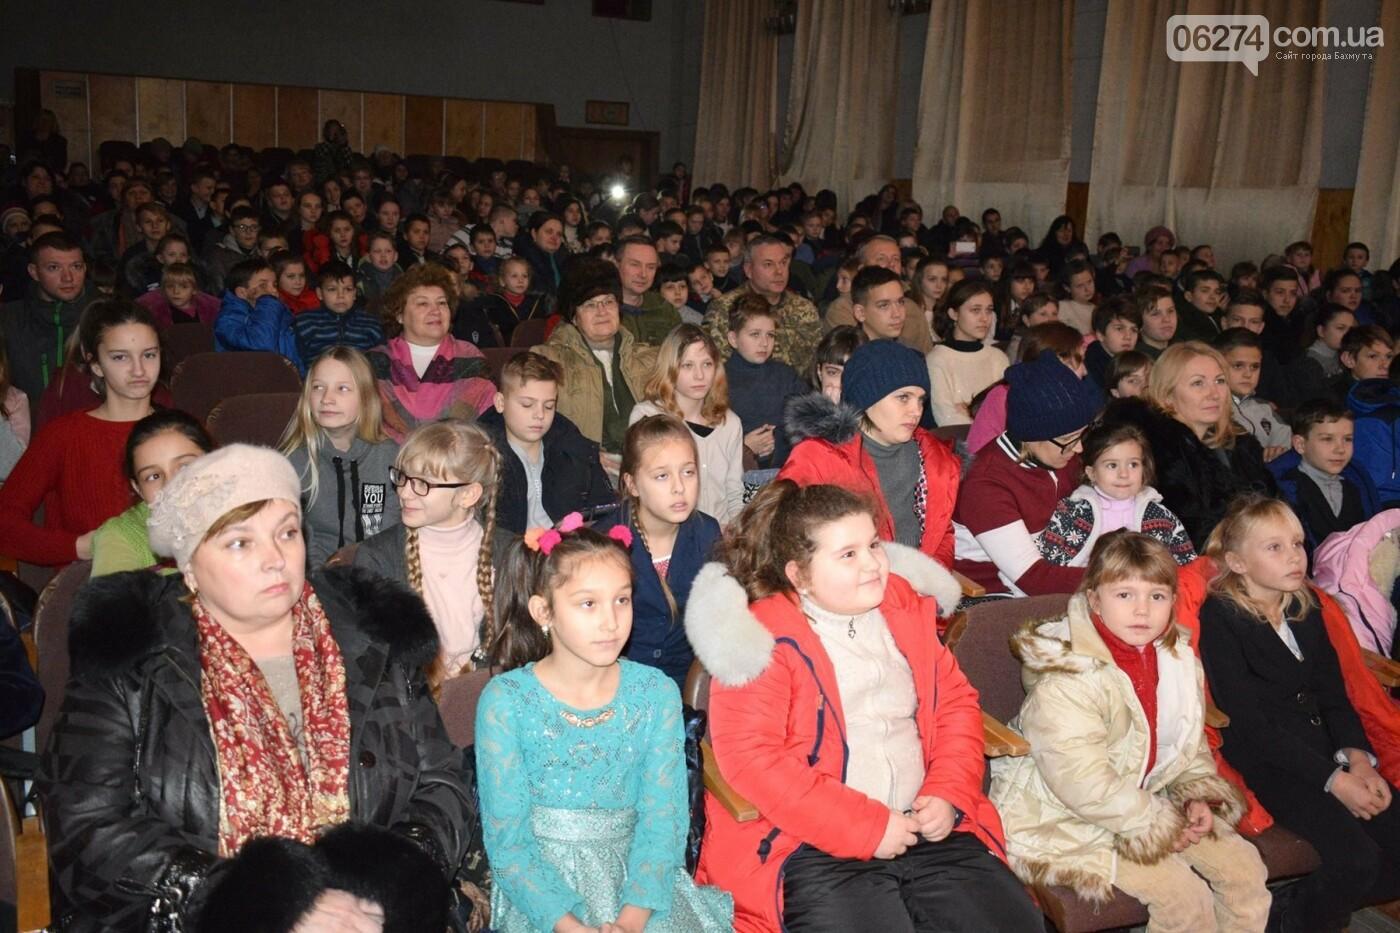 Командующий ООС поздравил детей Бахмутского района с Днем Святого Николая, фото-3